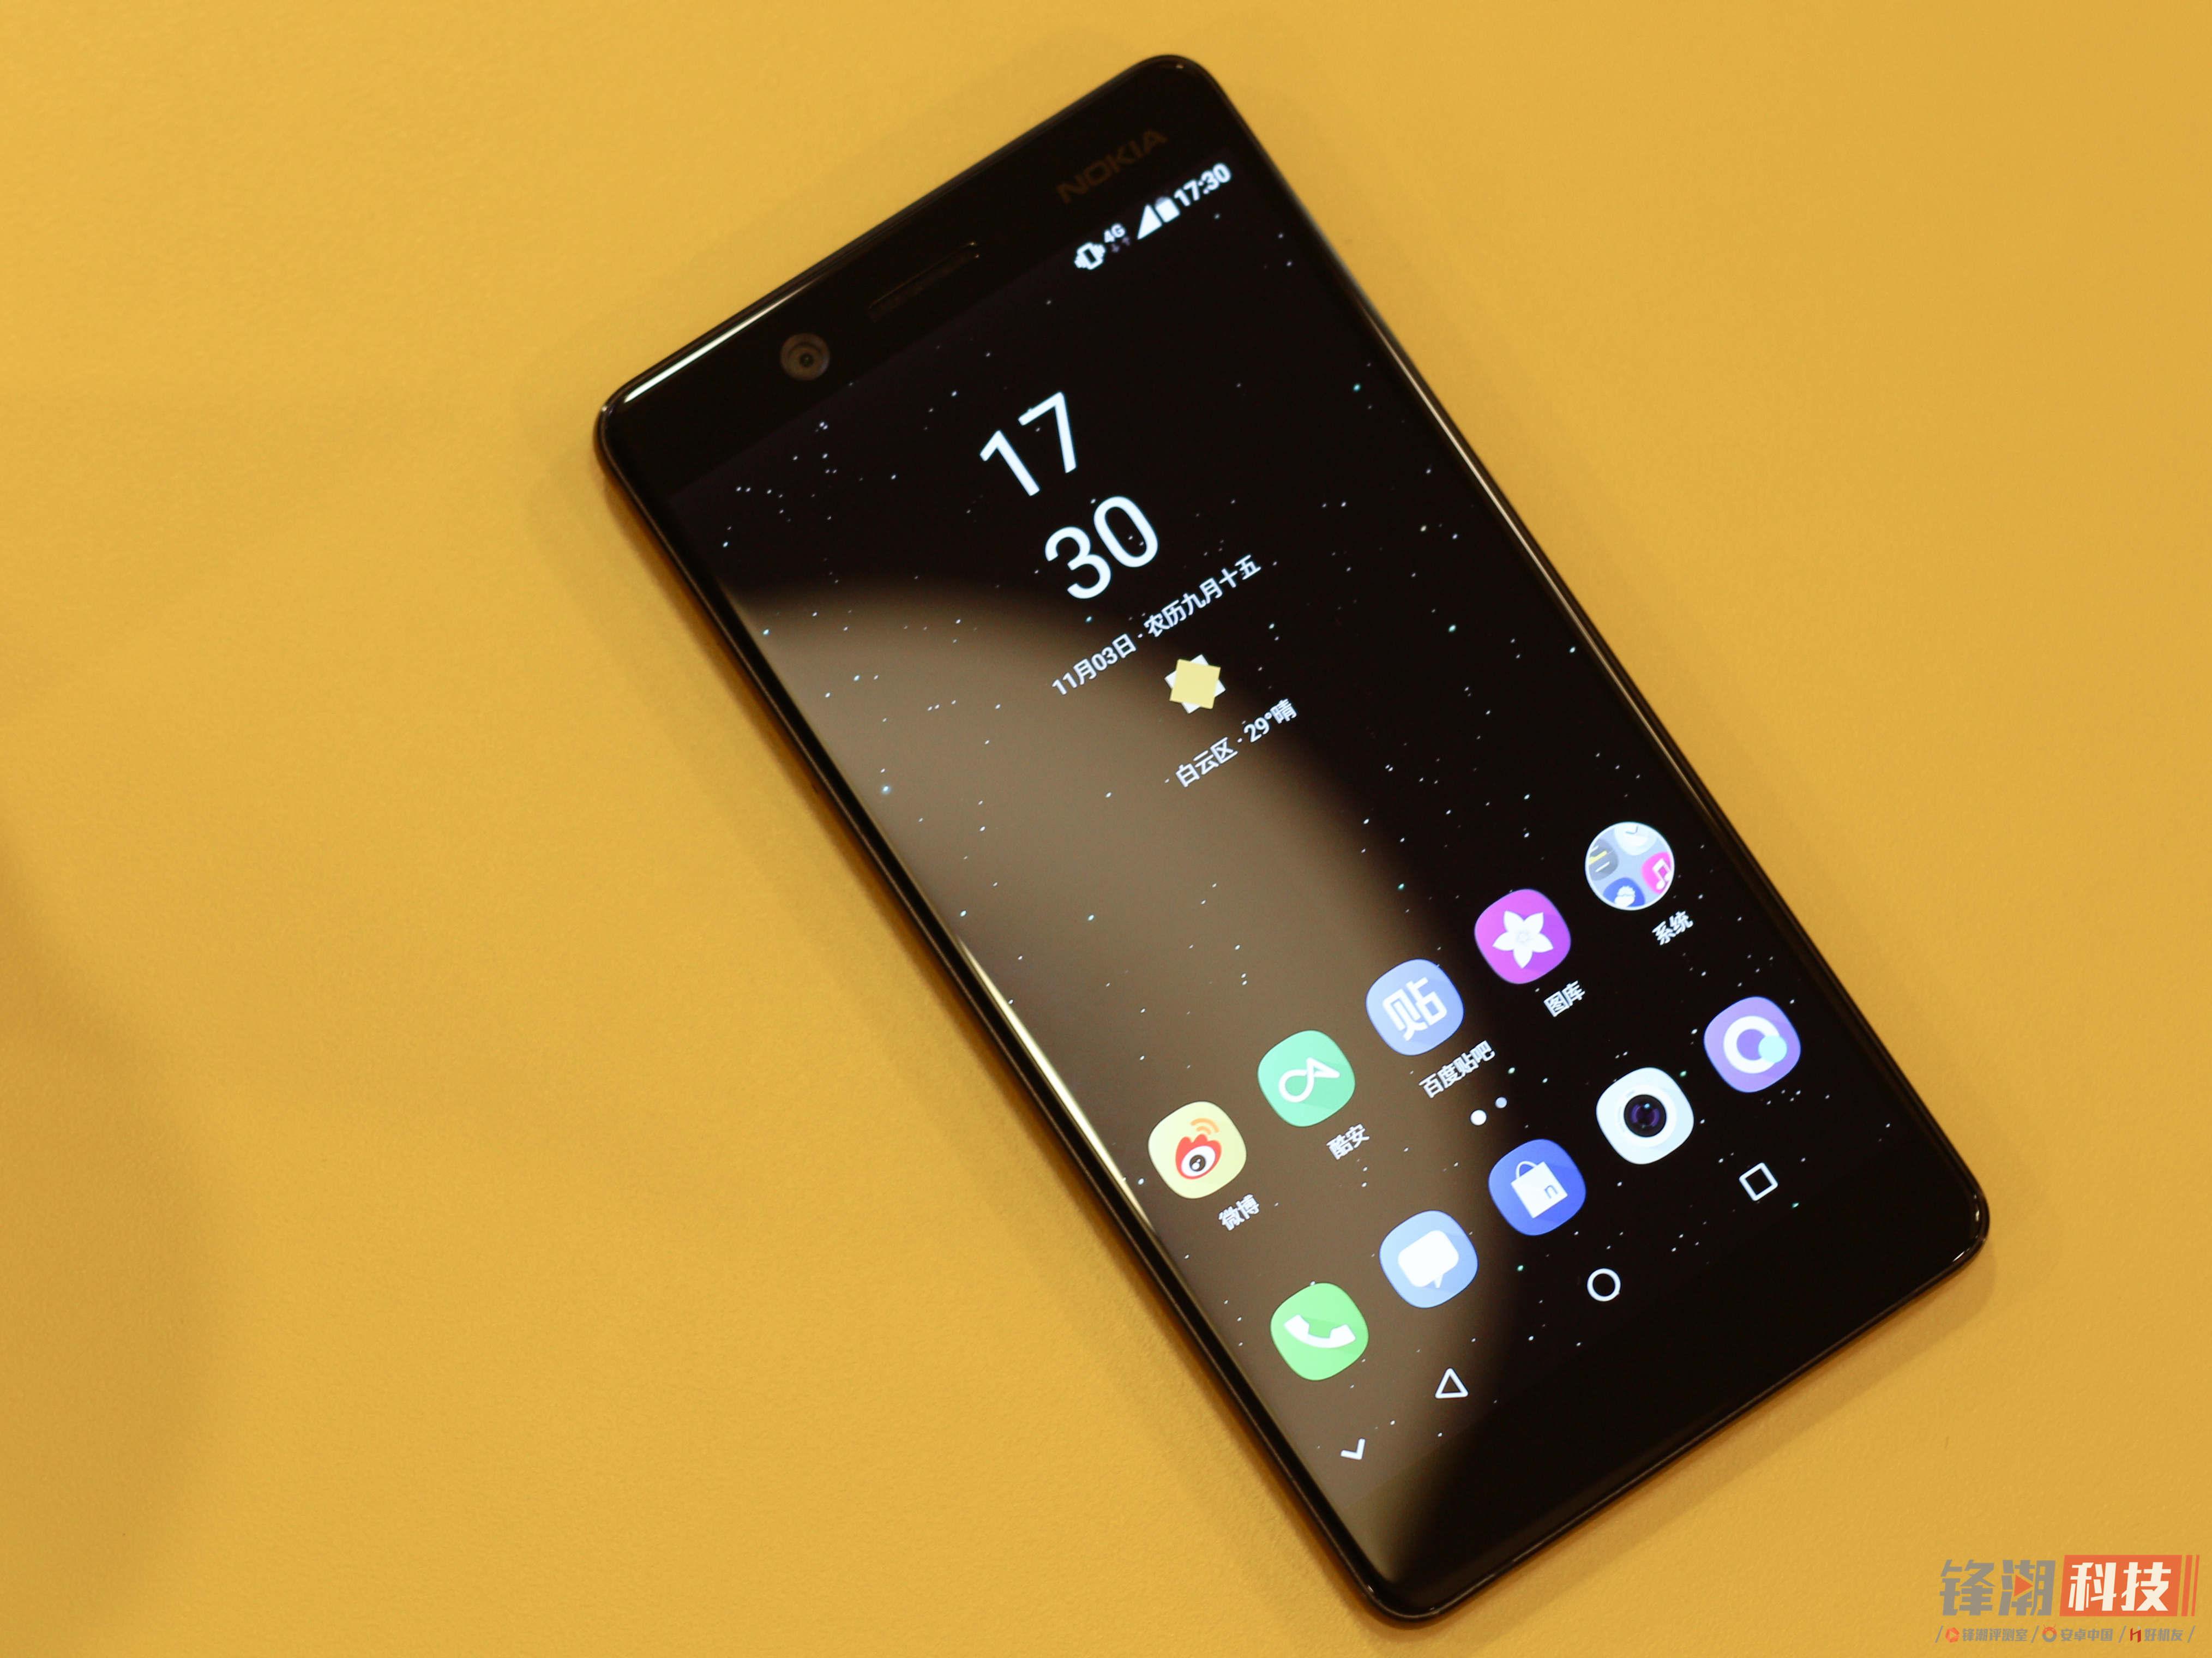 【力皮西】蔡司加颜值,影音多玩法:Nokia/诺基亚 7 详细评测